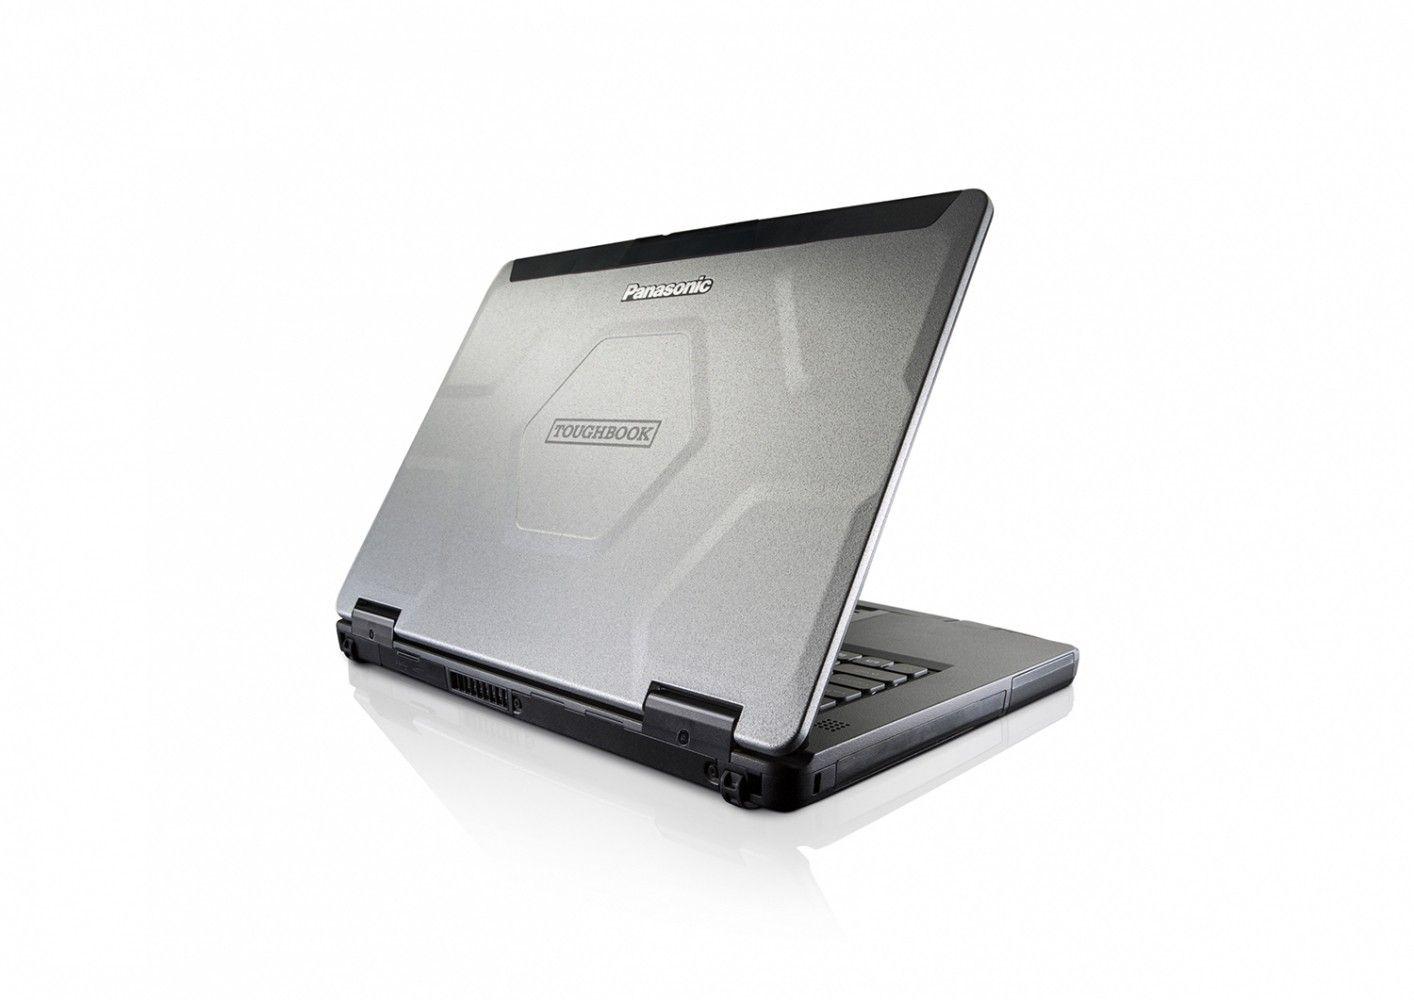 Ноутбук Panasonic Toughbook CF-54 (CF-54AZ002E9) - 3